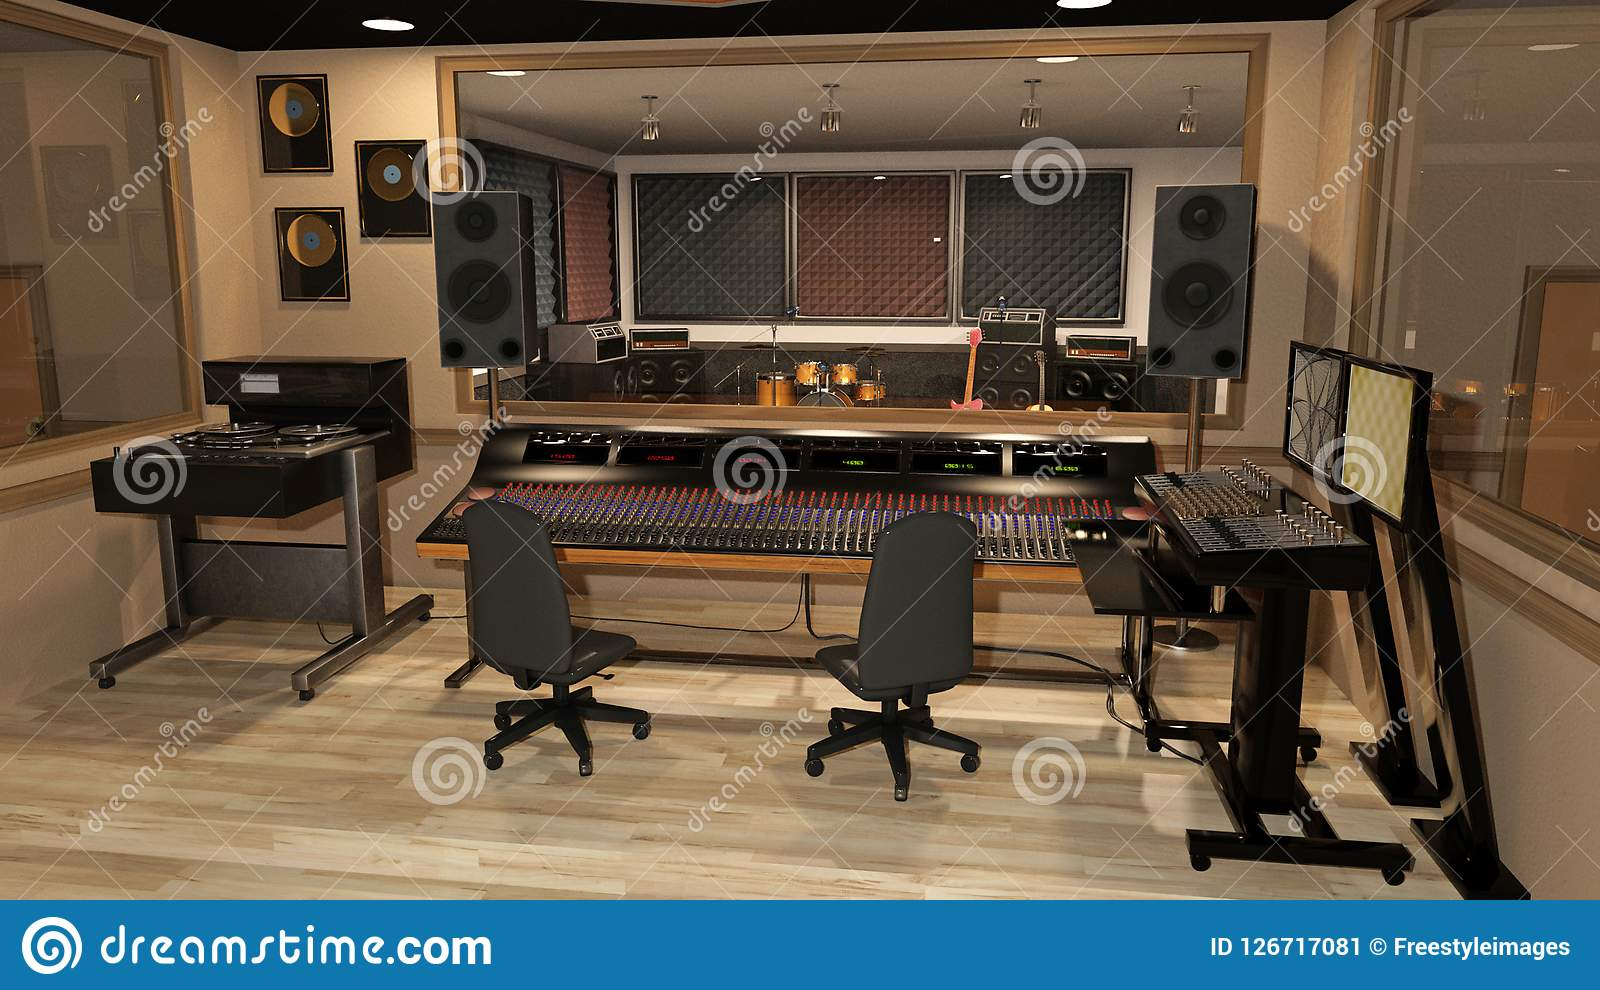 Το στούντιο καταγραφής μουσικής με τον υγιή αναμίκτη, τα όργανα, τους ομιλητές, και τον ακουστικό εξοπλισμό, τρισδιάστατο δίνει